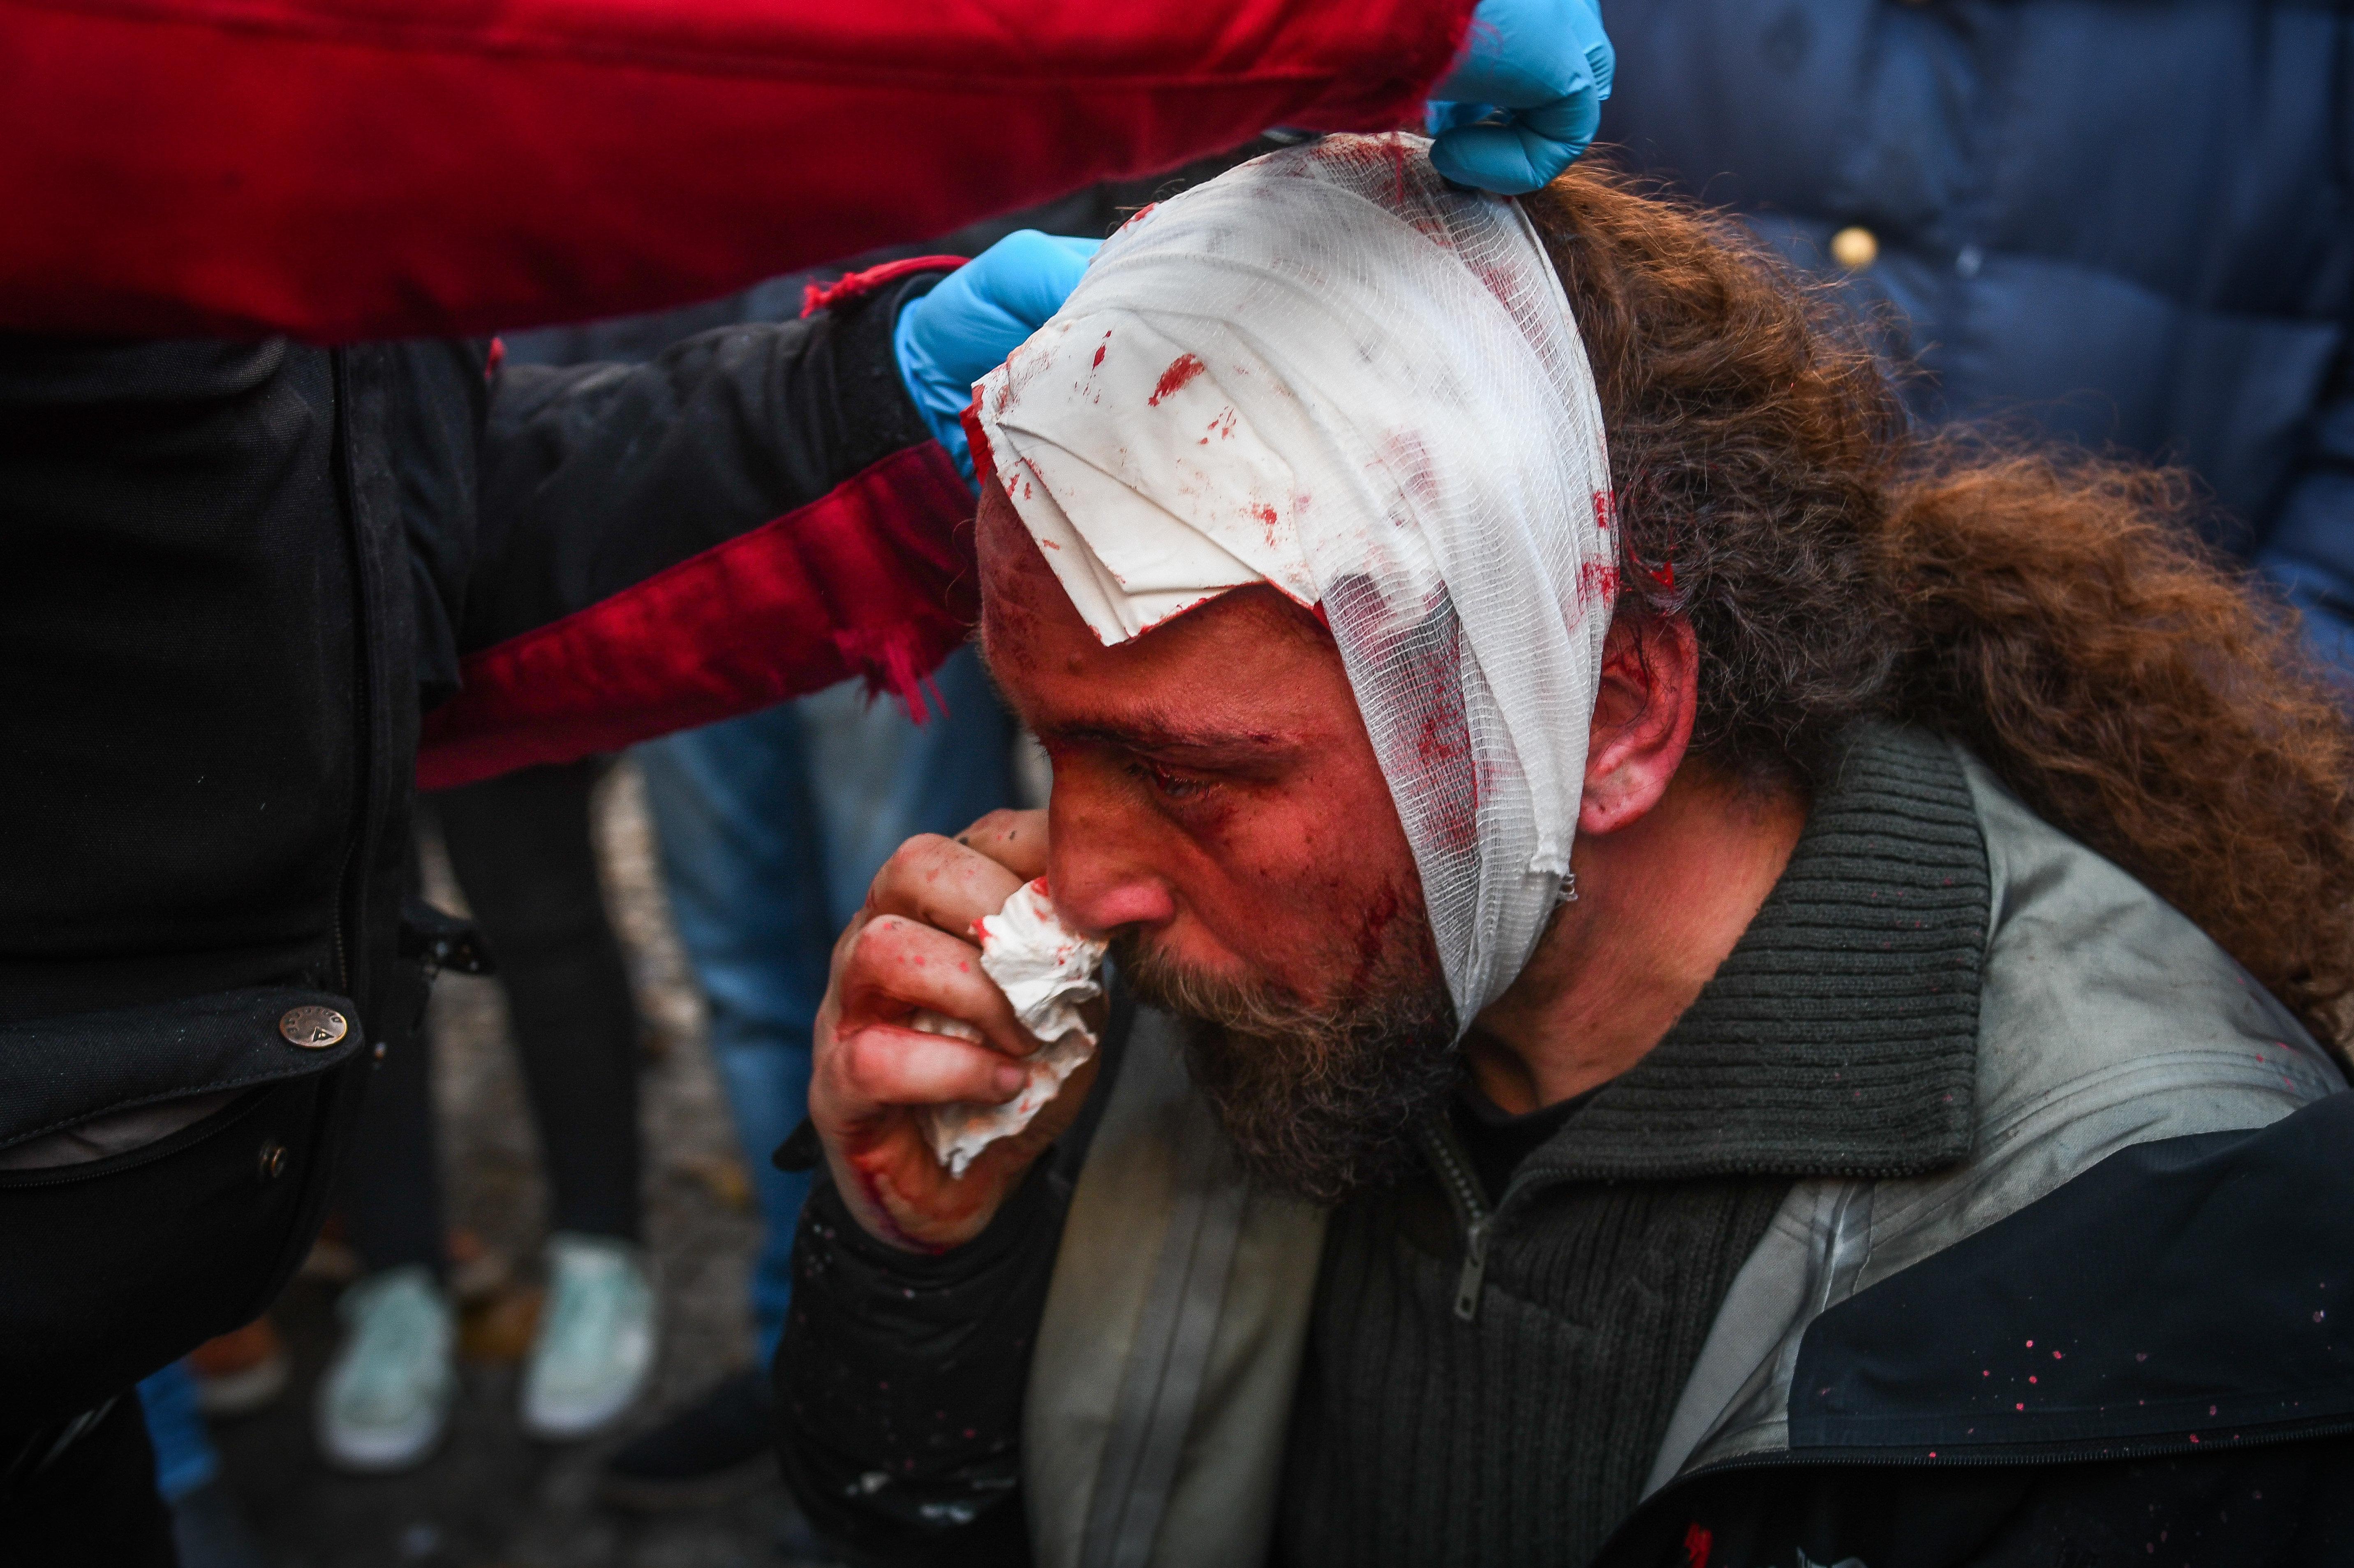 Kostis Dadamis, fotógrafo colaborador da Sputnik, após ser ferido em protesto realizado em Atenas.